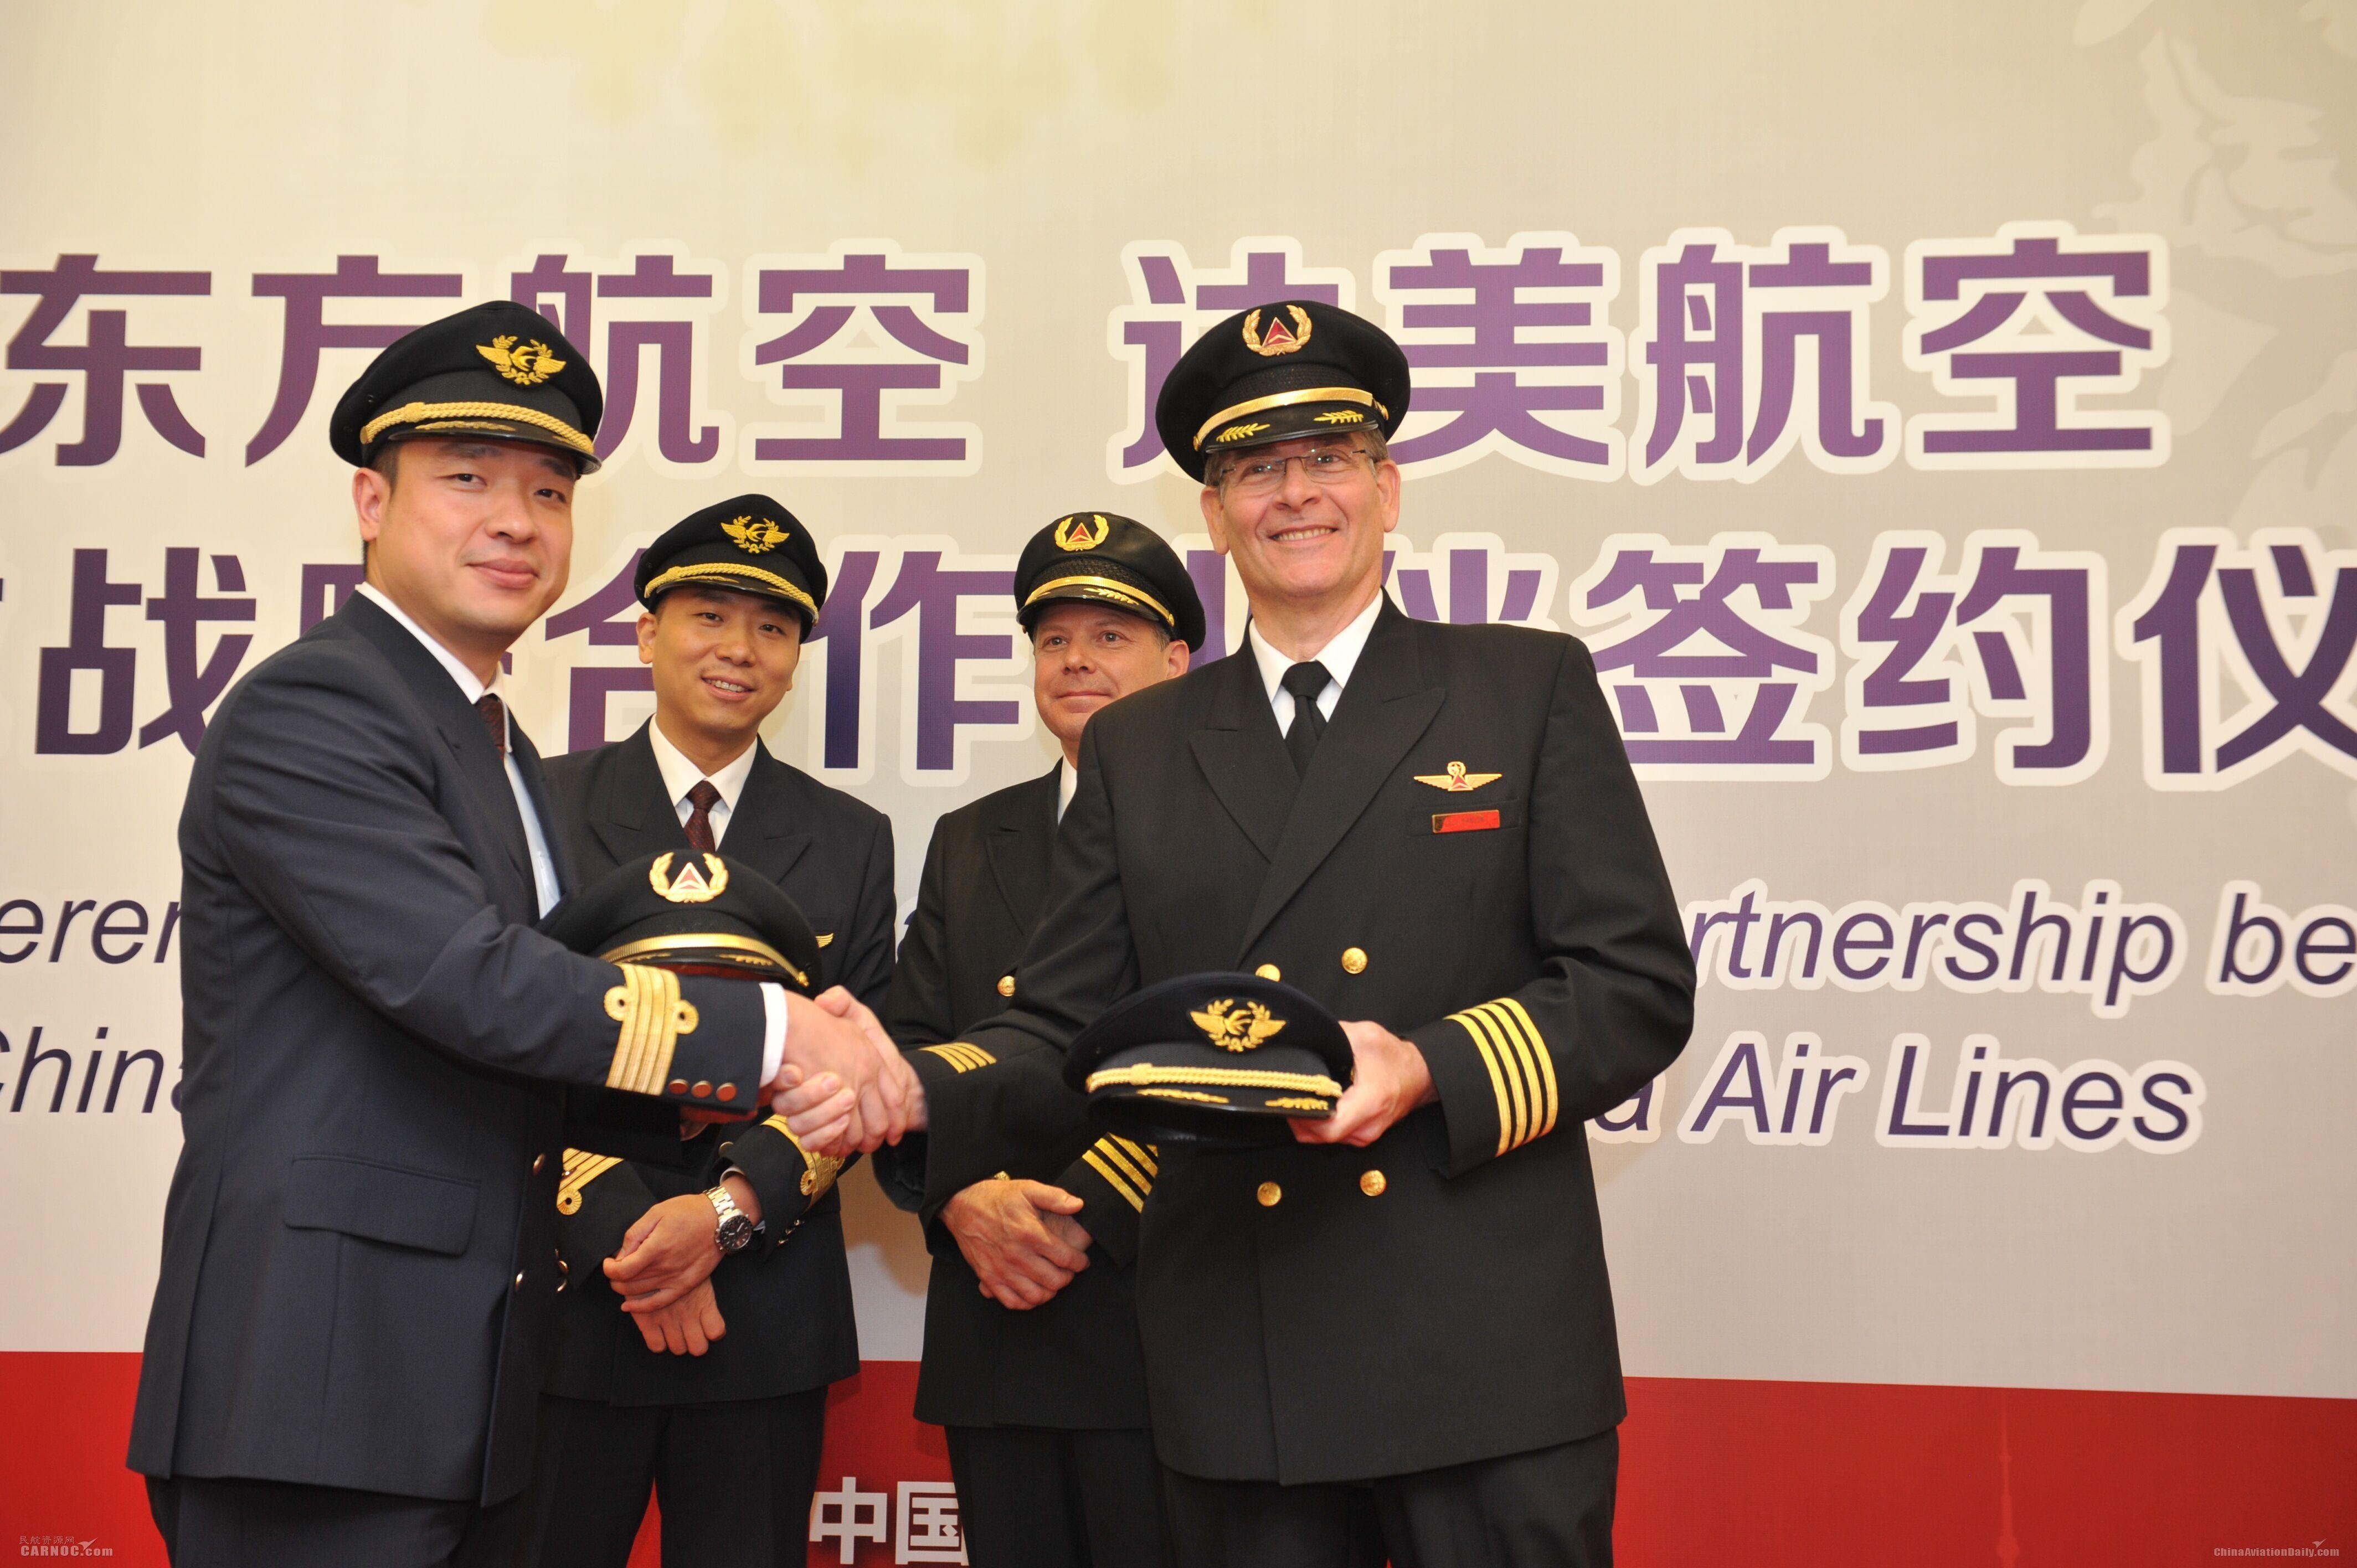 2015年9月1日,中国东方航空与美国达美航空在上海正式签署《关于达美航空战入股东航认股协议确认书》和《市场协议》。